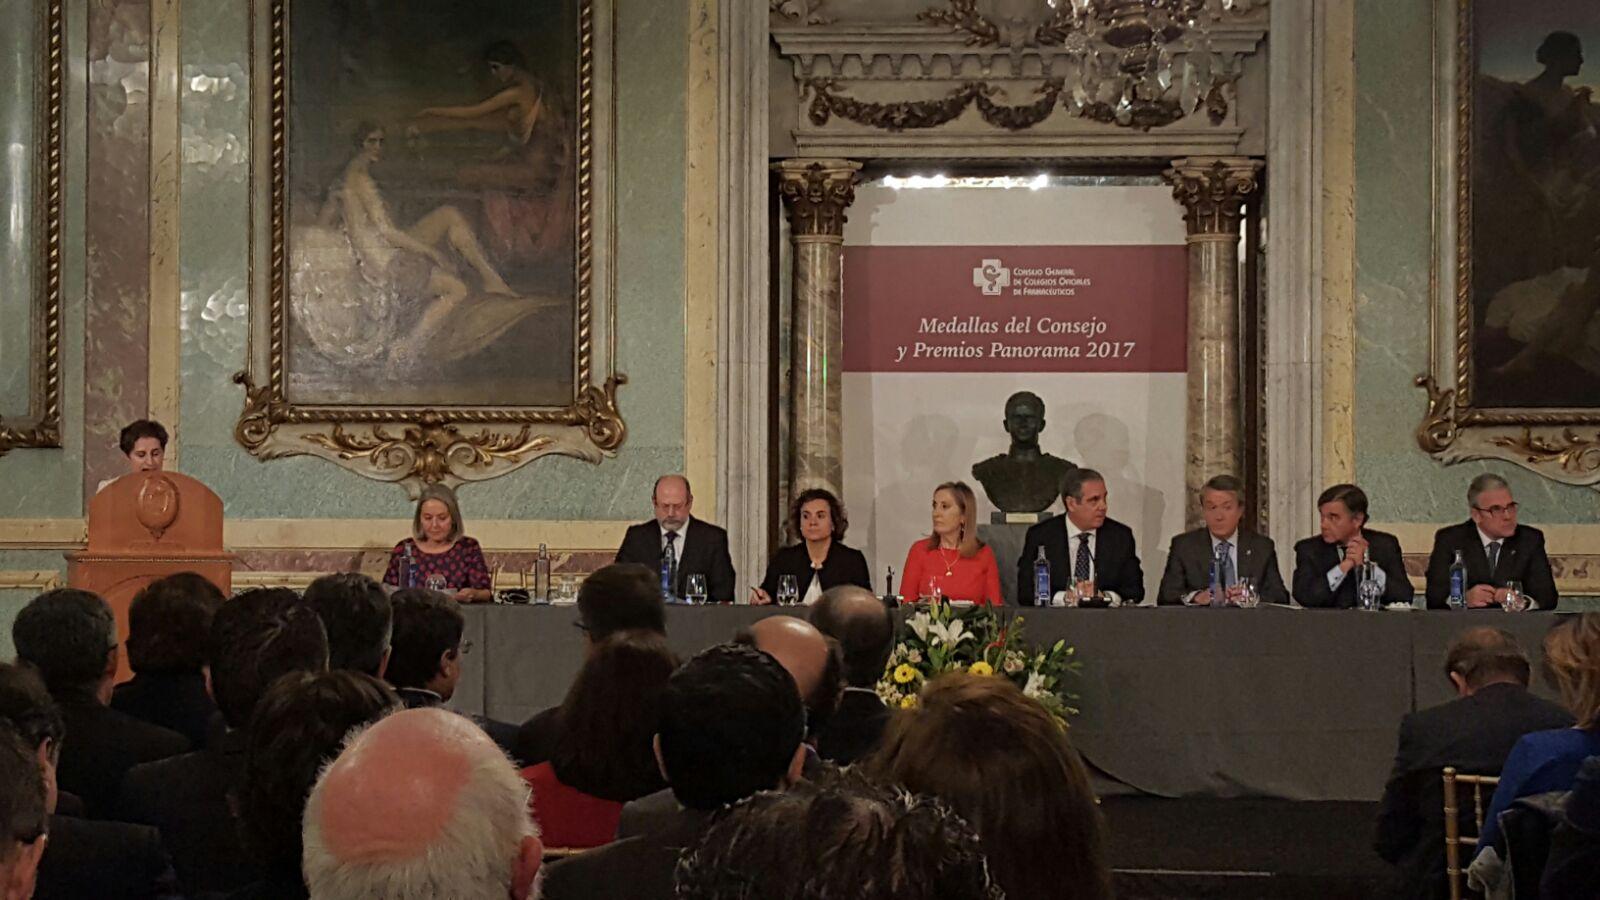 ENTREGA DE MEDALLAS Y PREMIOS PANORAMA DEL CONSEJO GENERAL DE FARMACÉUTICOS